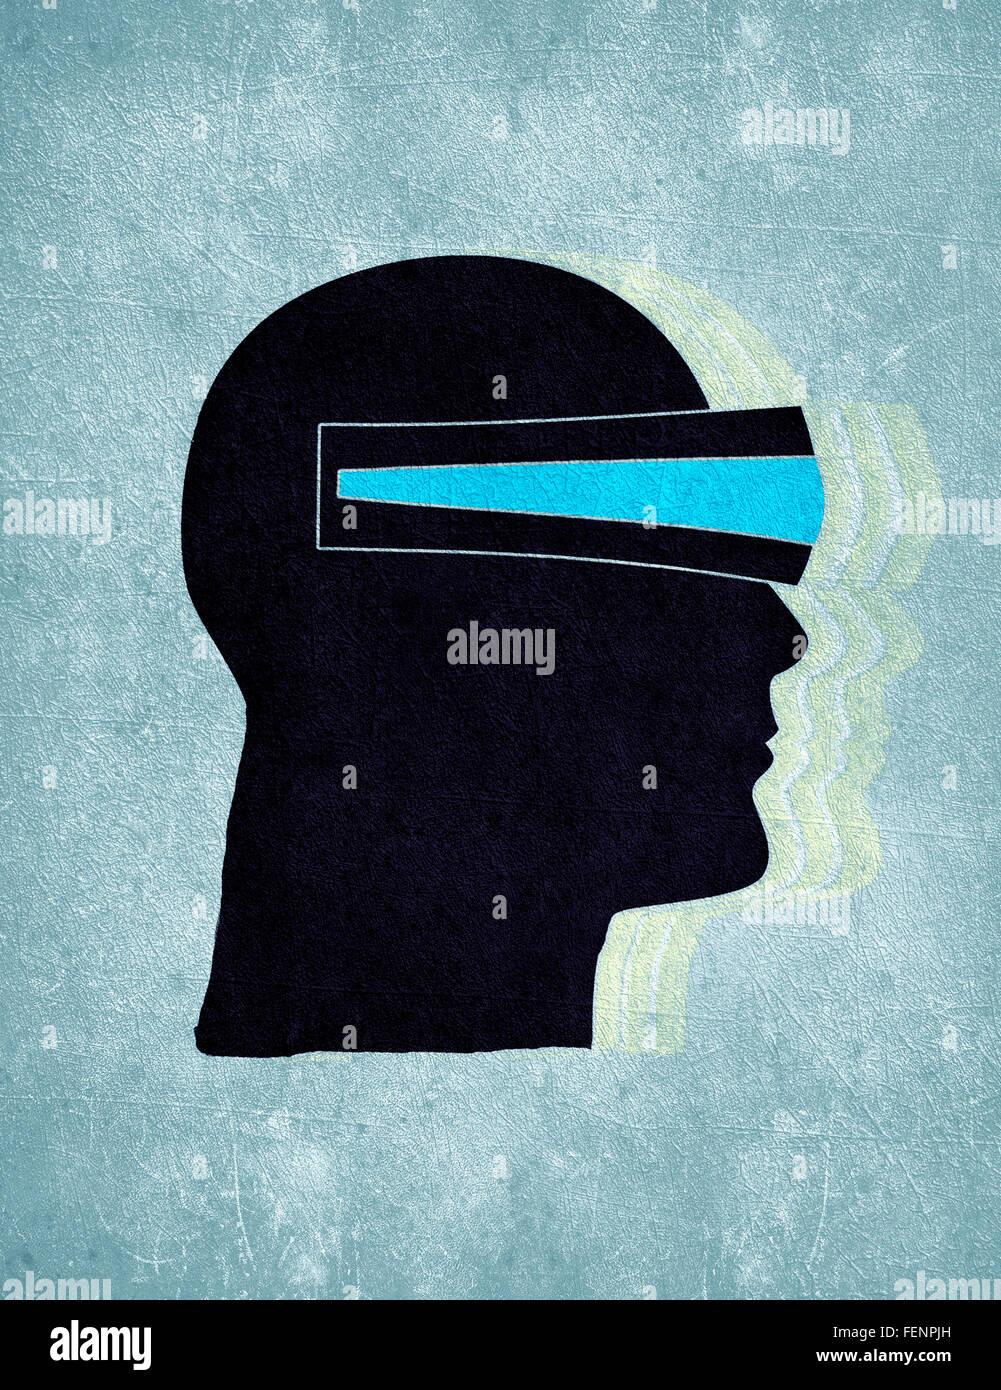 3d vision concept digital illustration - Stock Image